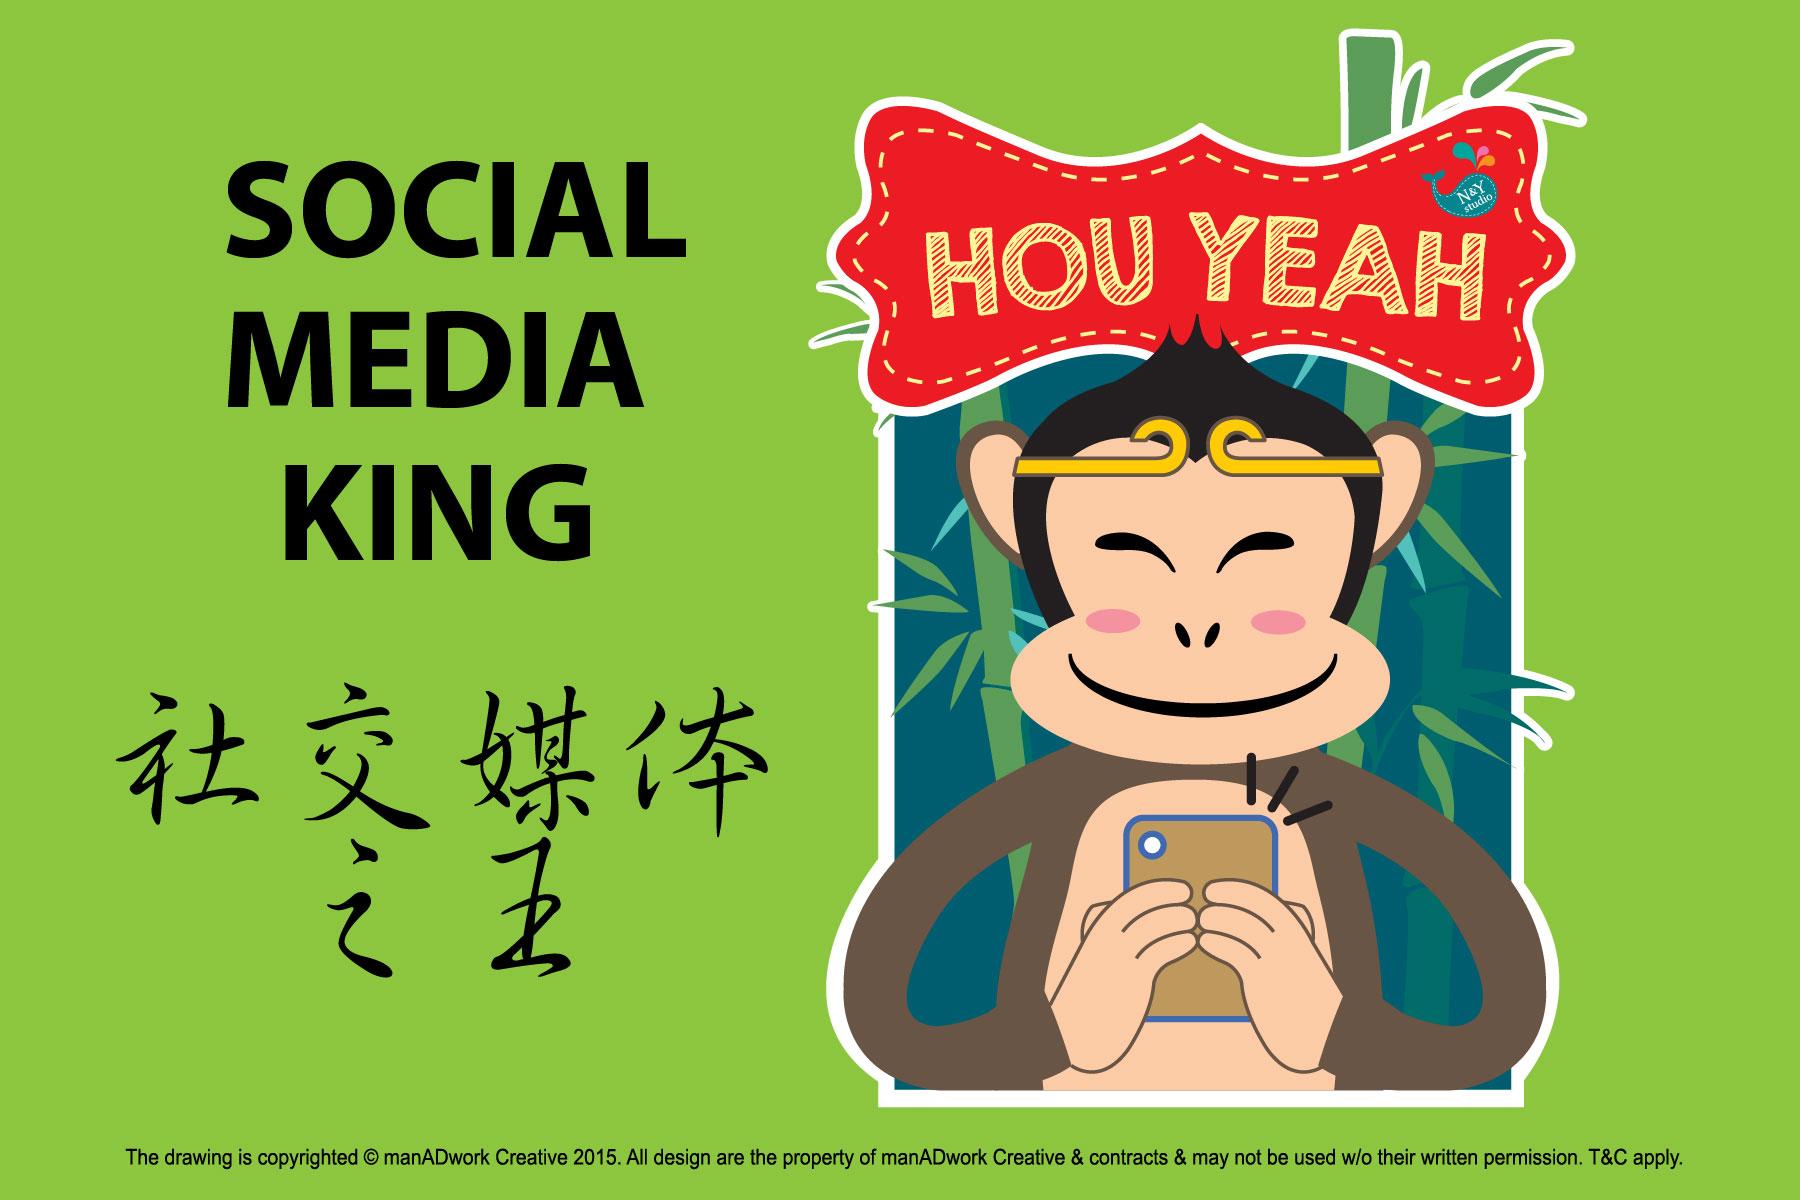 Hou Yeah Social Media King